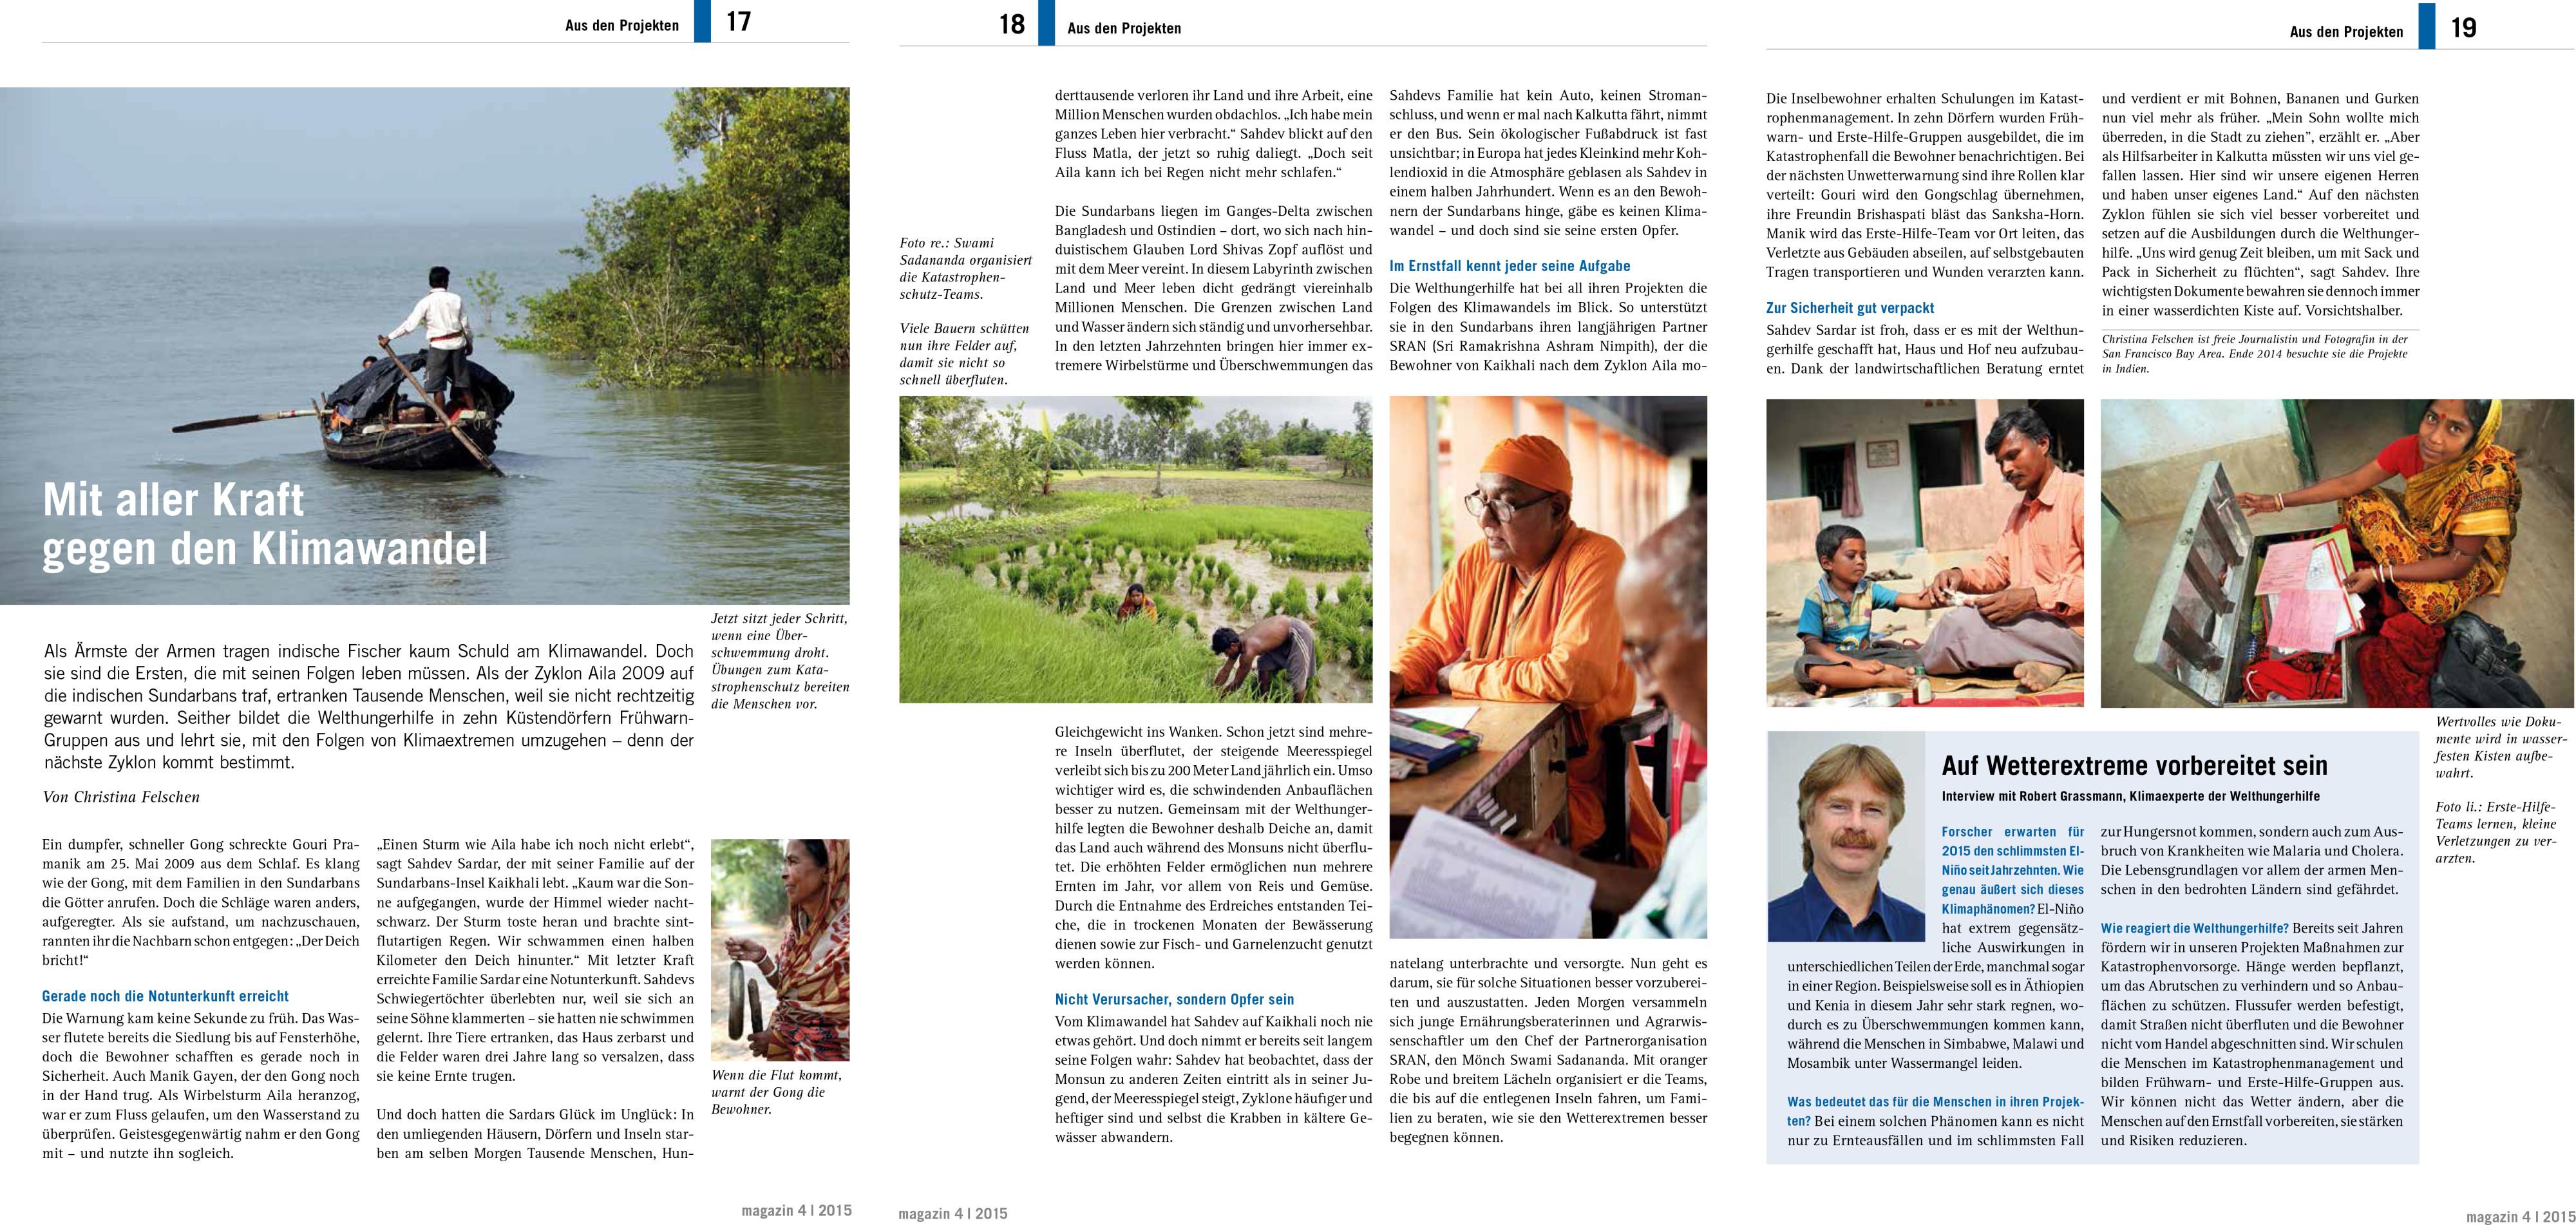 Klimageschichte_WGG-Mag_04_2015_S 17-19